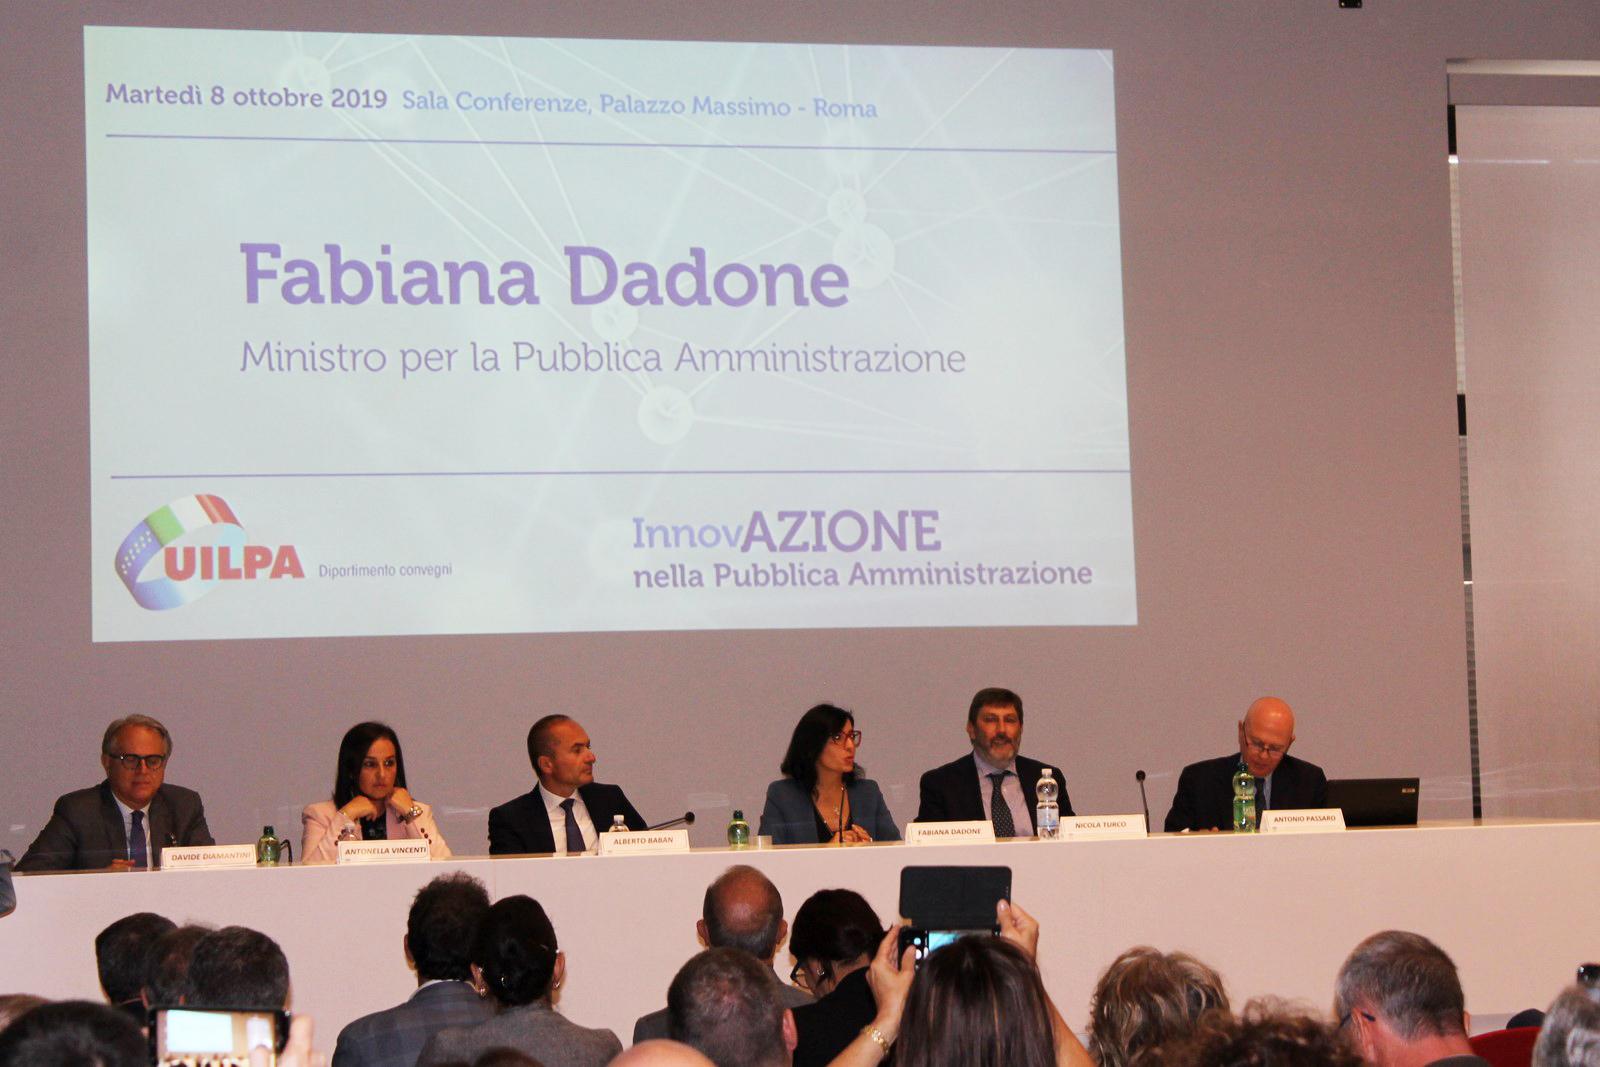 Convegno UILPA 'InnovAZIONE nella Pubblica Amministrazione', è stata una grande occasione di confronto